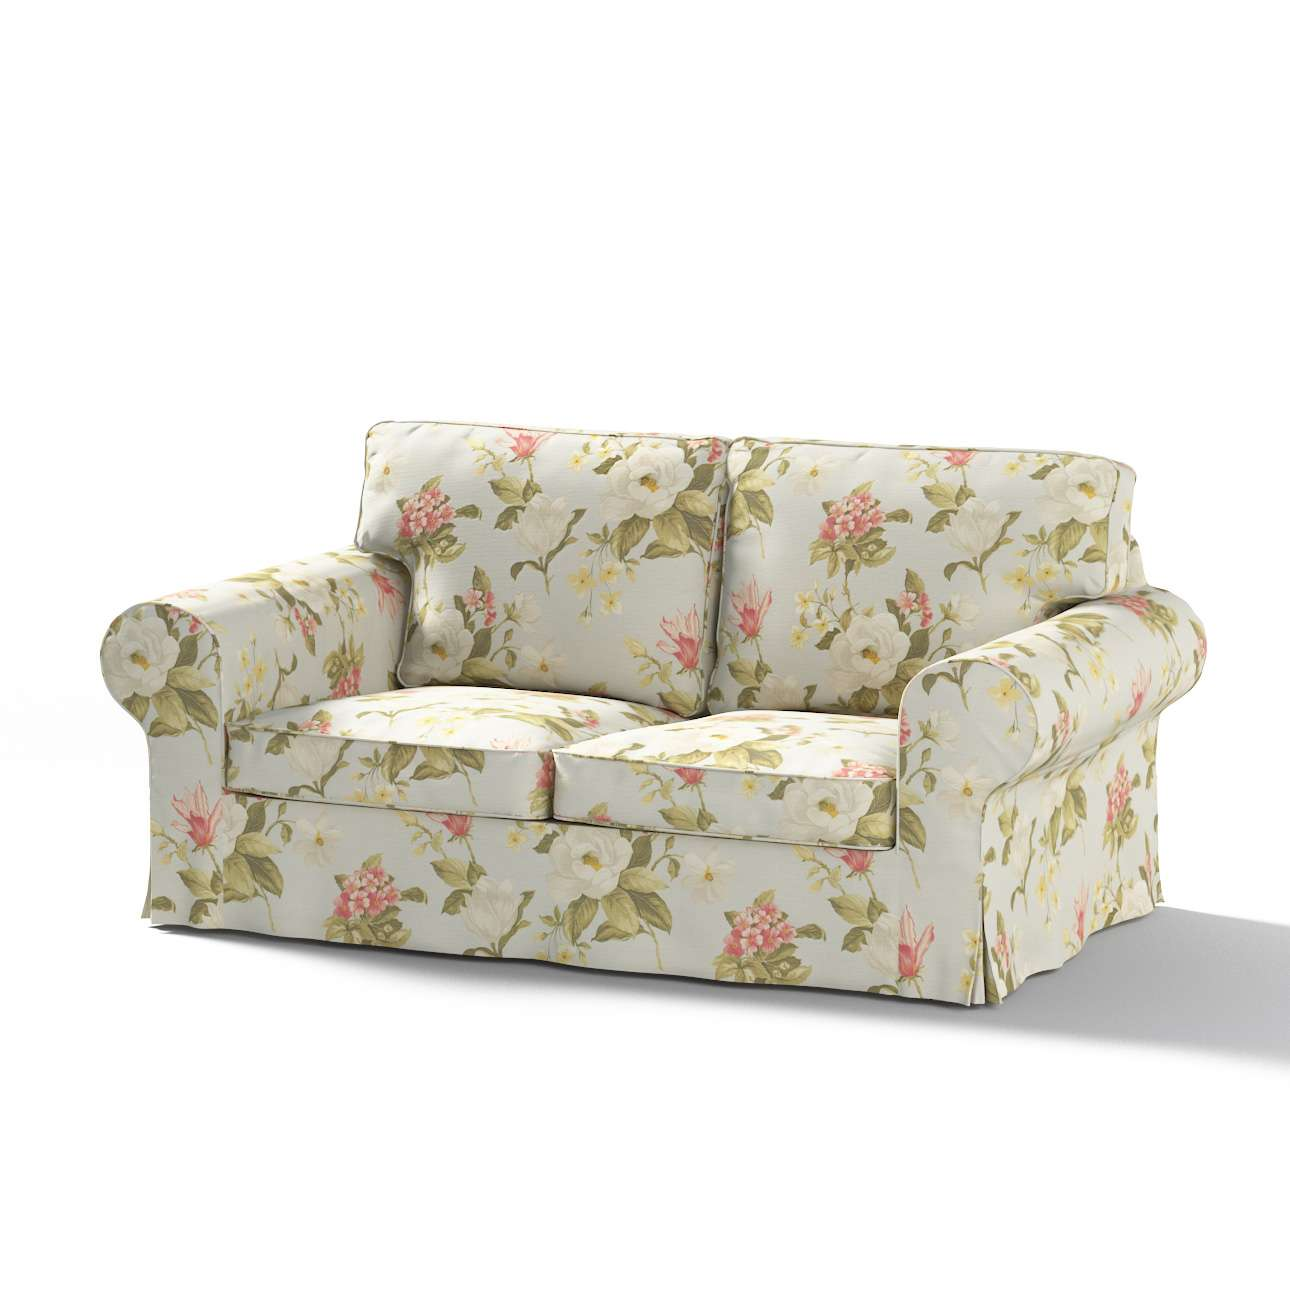 Ektorp dvivietės sofos užvalkalas Ektorp dvivietės sofos užvalkalas kolekcijoje Londres, audinys: 123-65